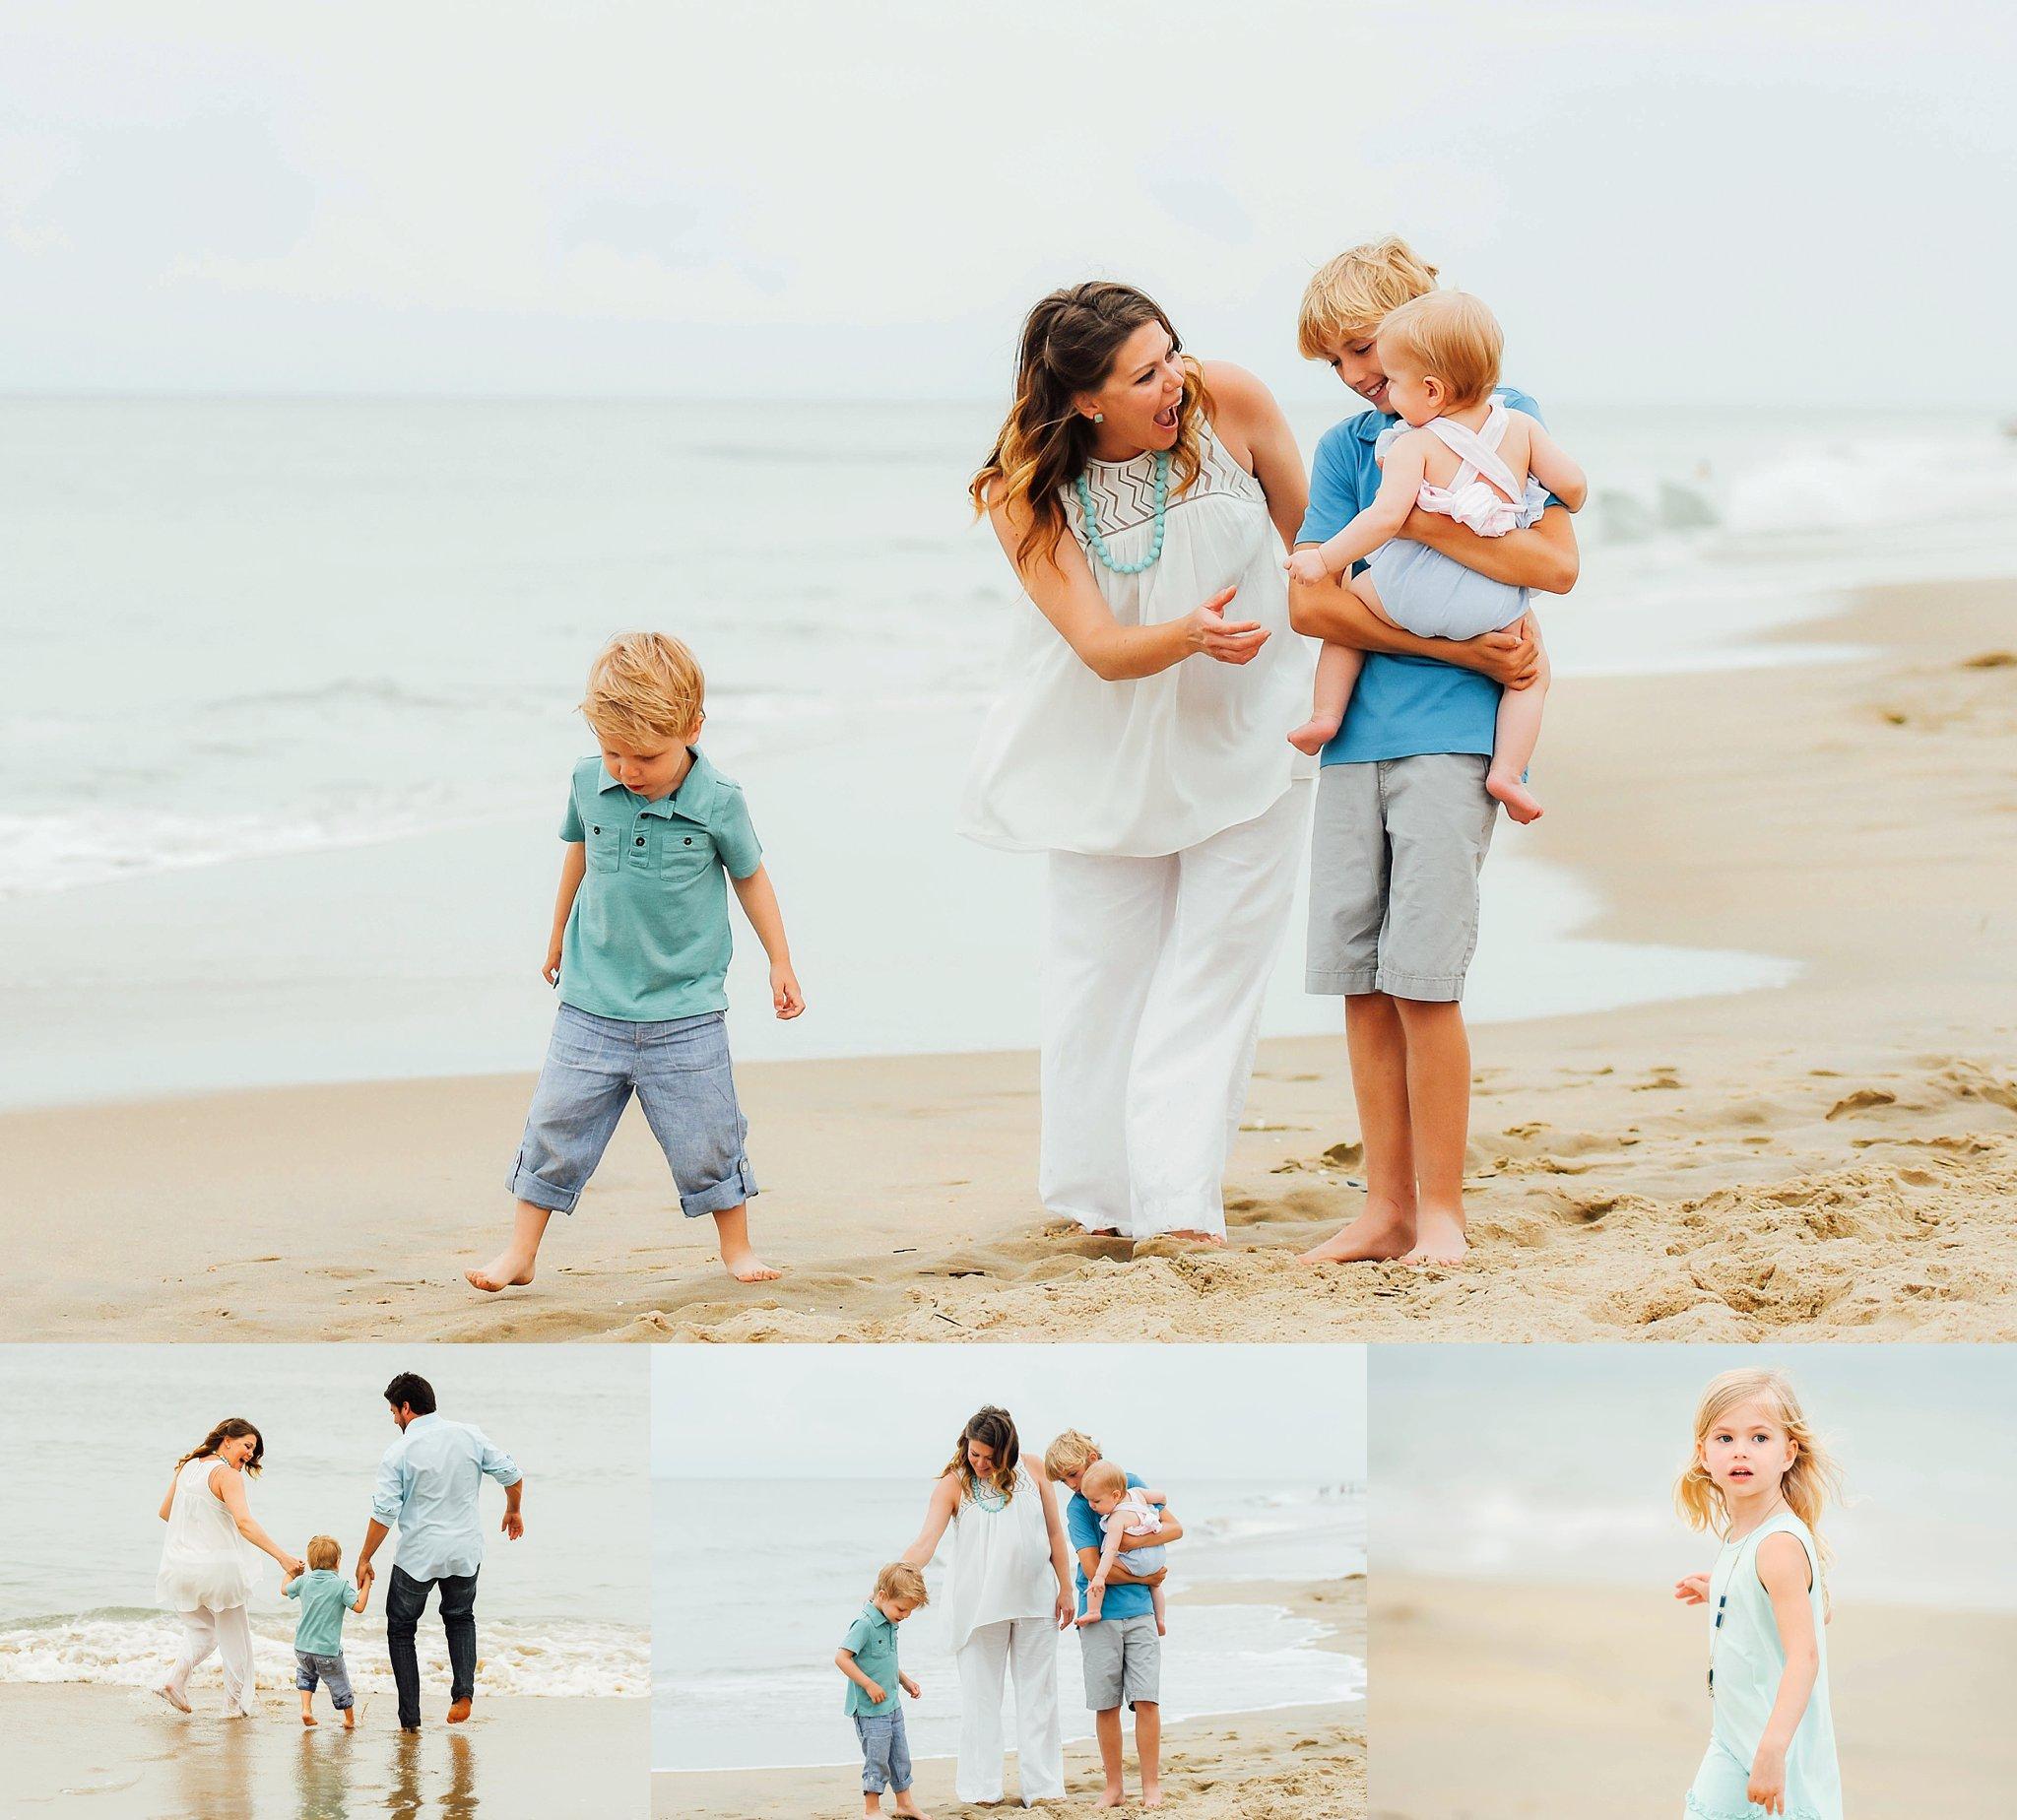 virginia-beach-photographers-melissa-bliss-photography-family-session-at-sandbridge-beach-1.jpg